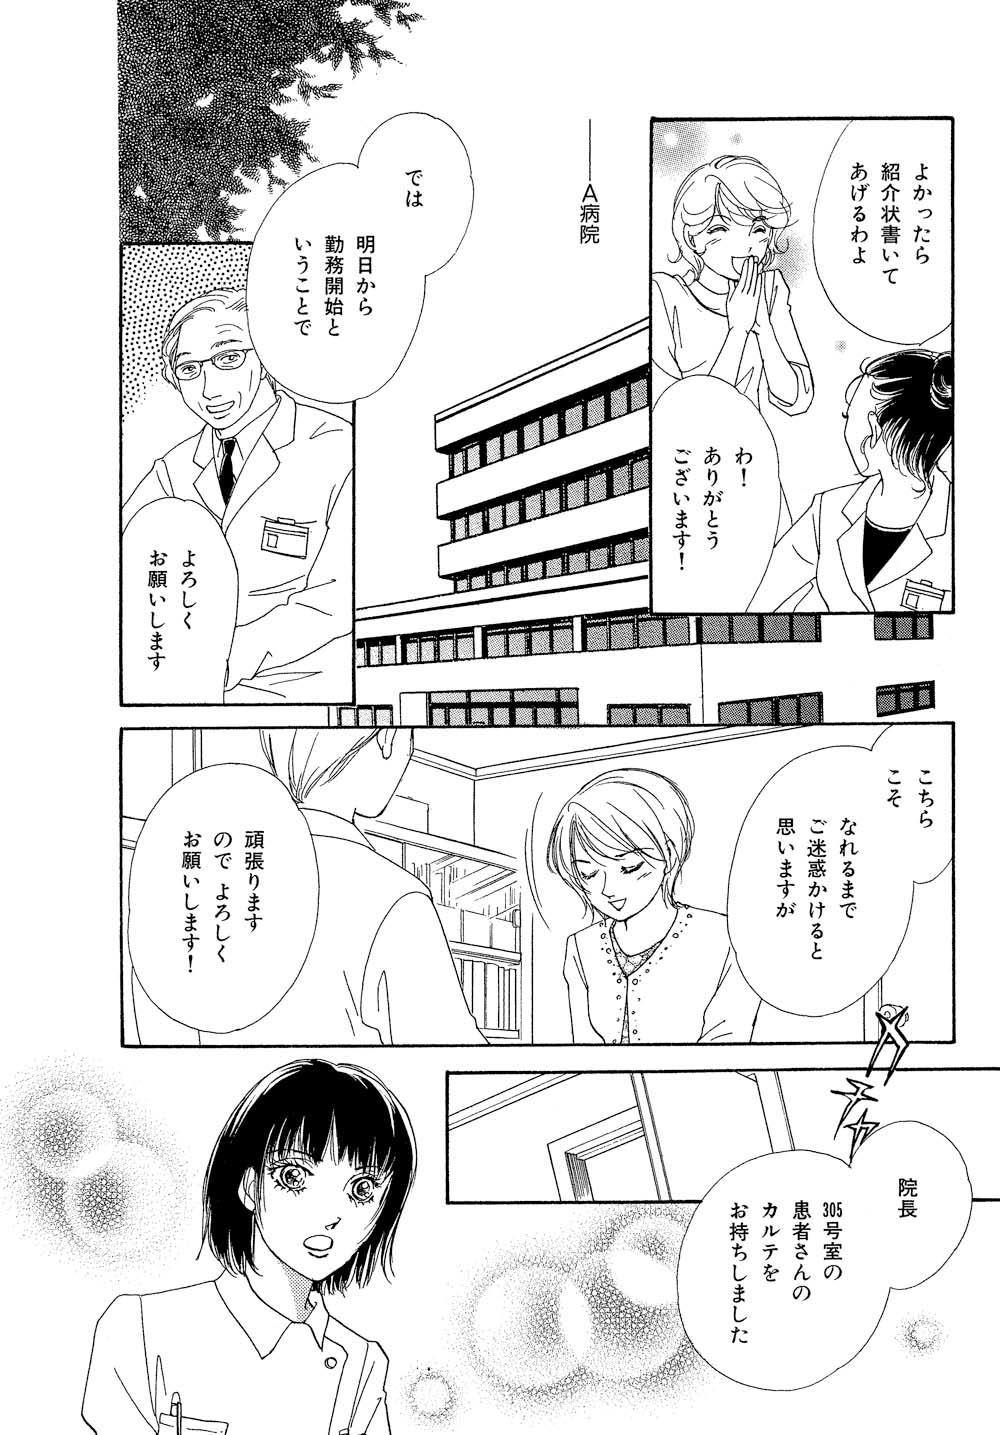 hakui_0001_0140.jpg